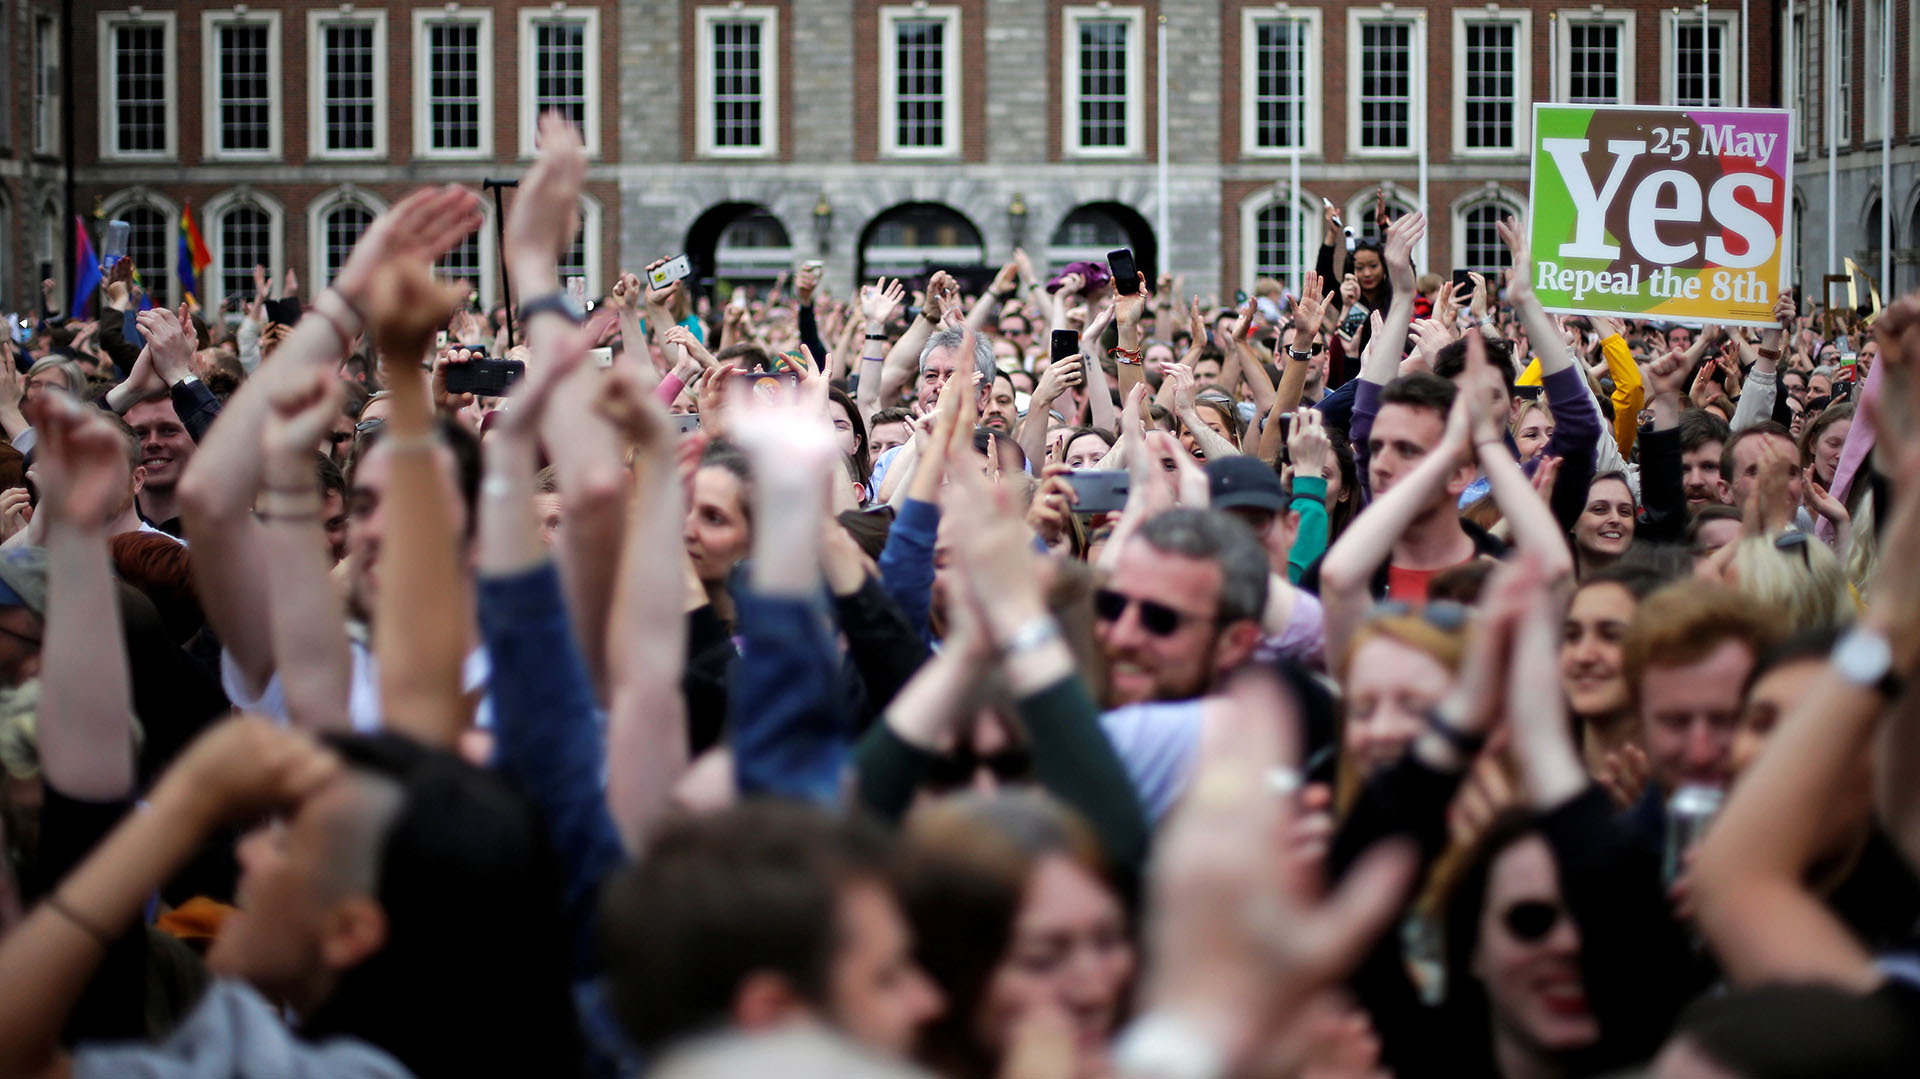 Celebraciones en Dublin por la victoria del Sí en el referéndum por el aborto en Irlanda (REUTERS/Max Rossi)